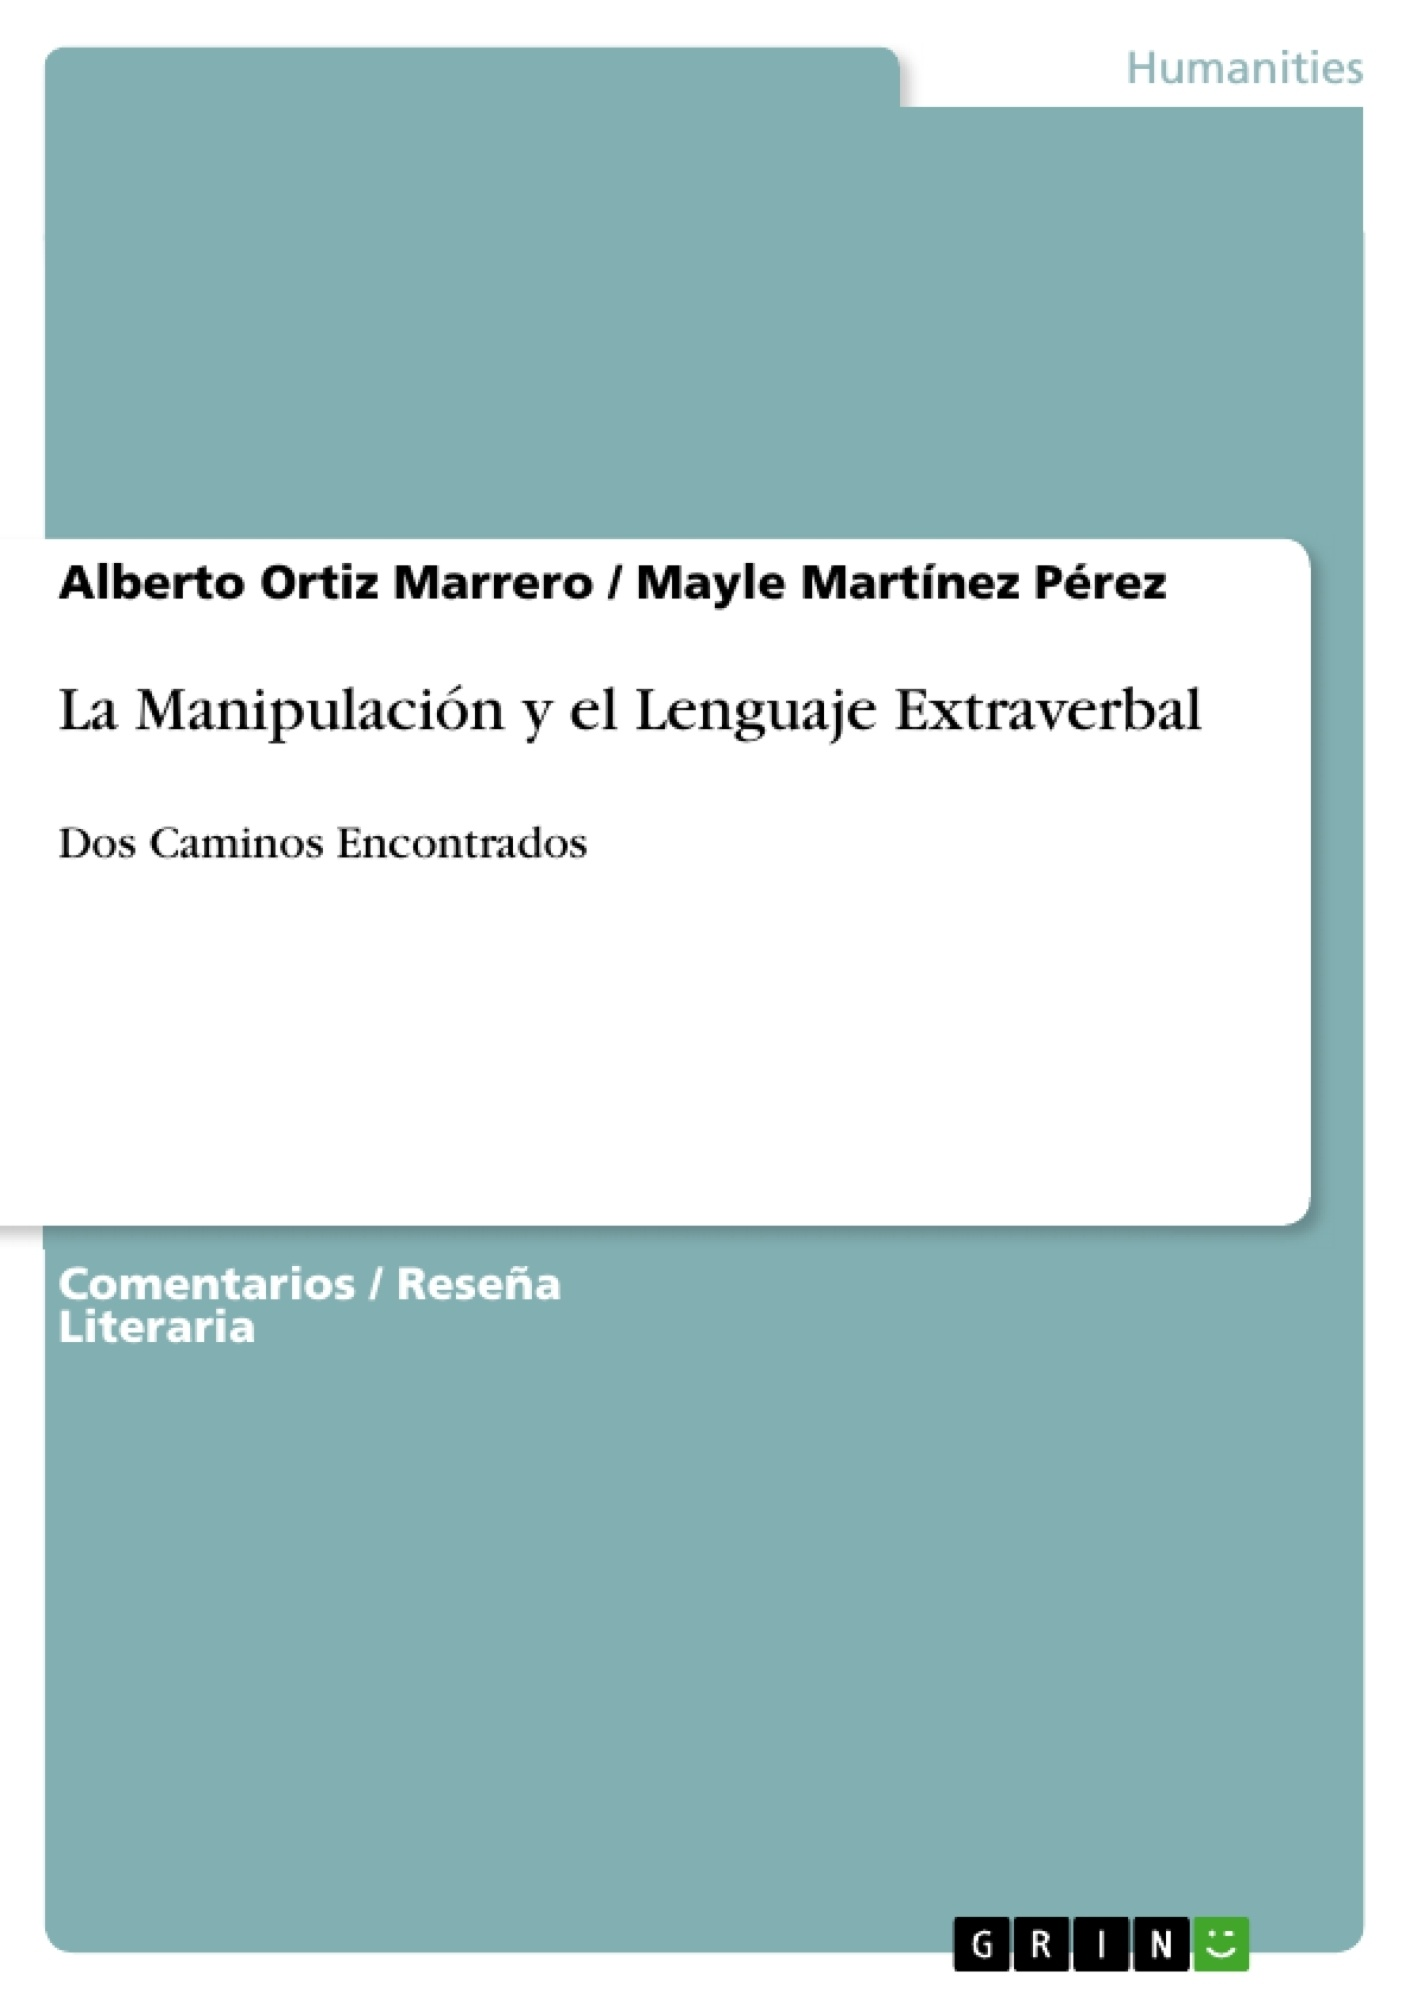 Título: La Manipulación y el Lenguaje Extraverbal